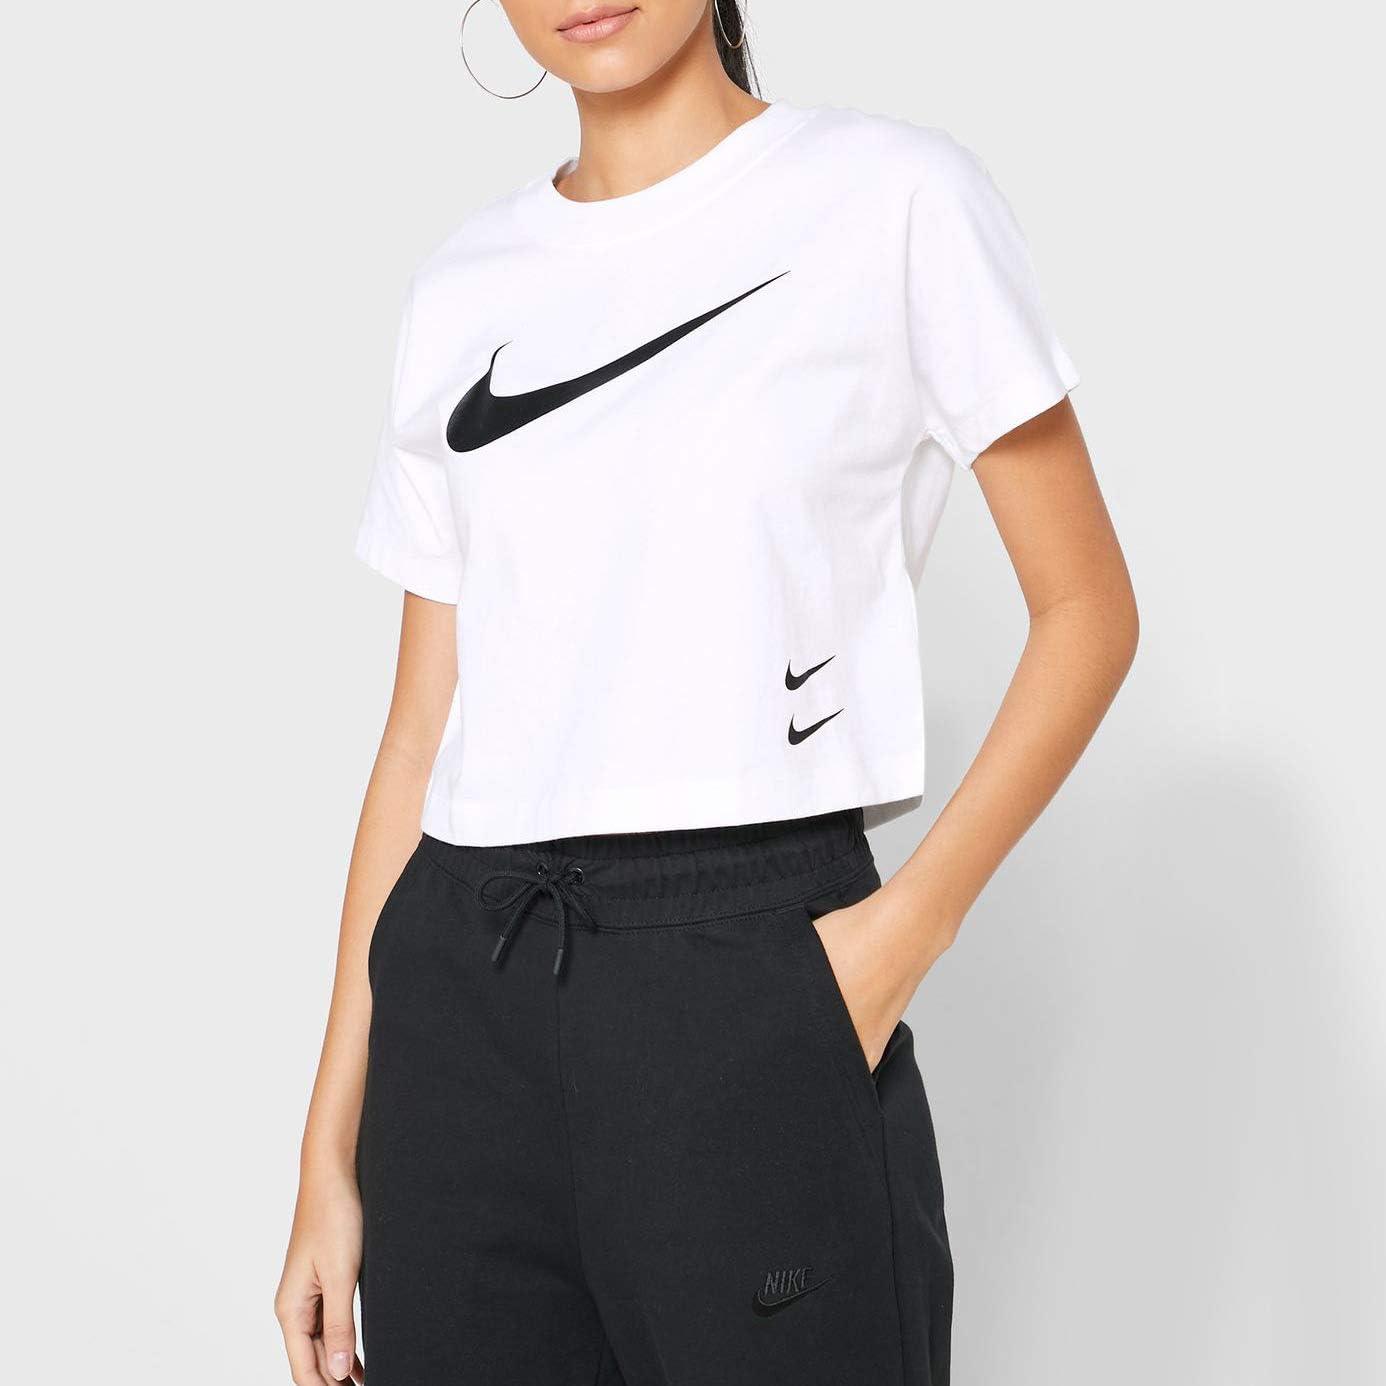 Nike Damen T-Shirt W NSW Swsh Top Ss White/Black